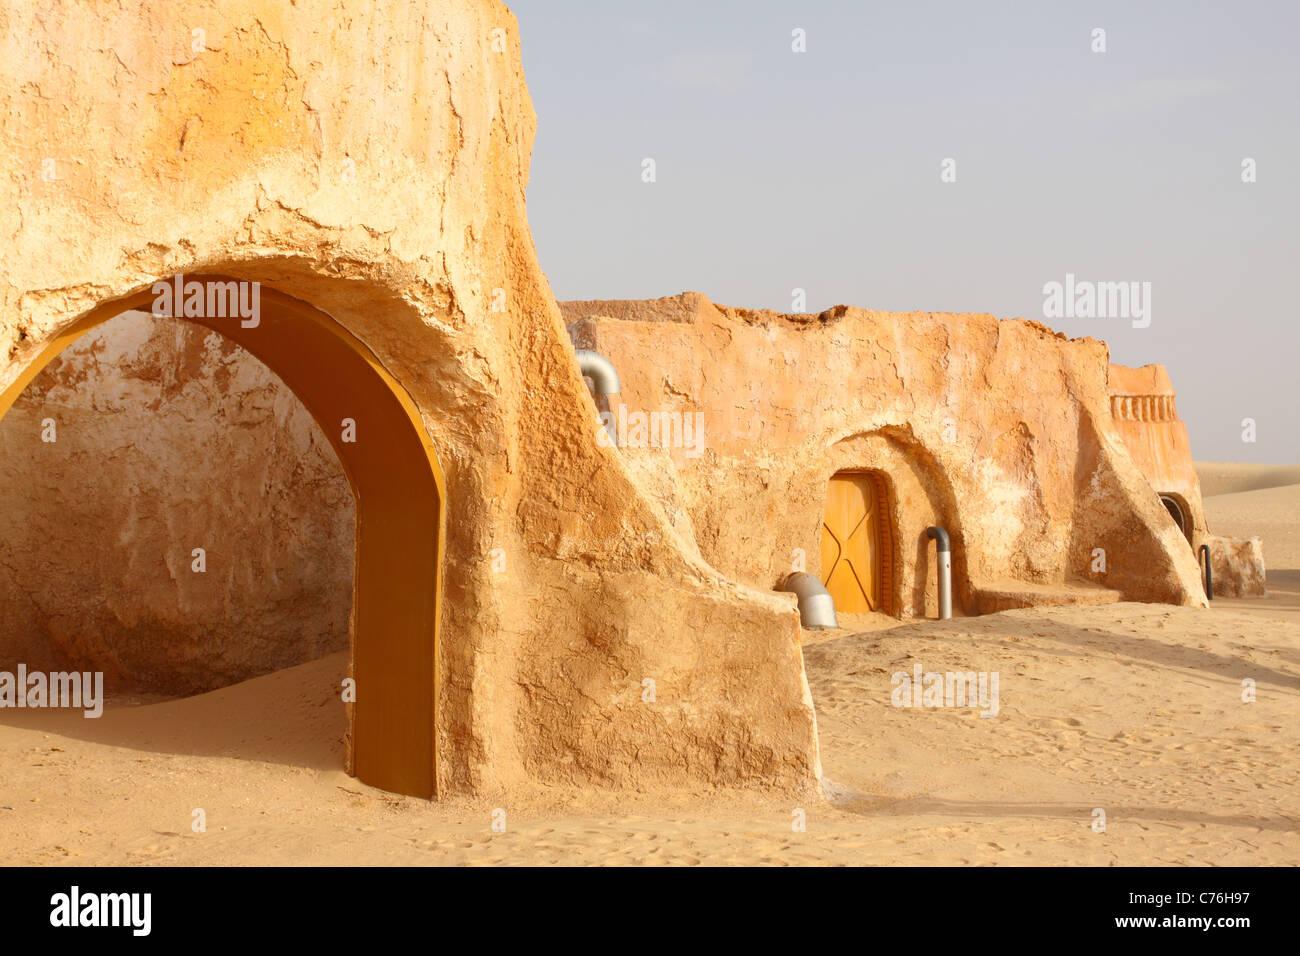 La escenografía de la película de Star Wars en Túnez Imagen De Stock